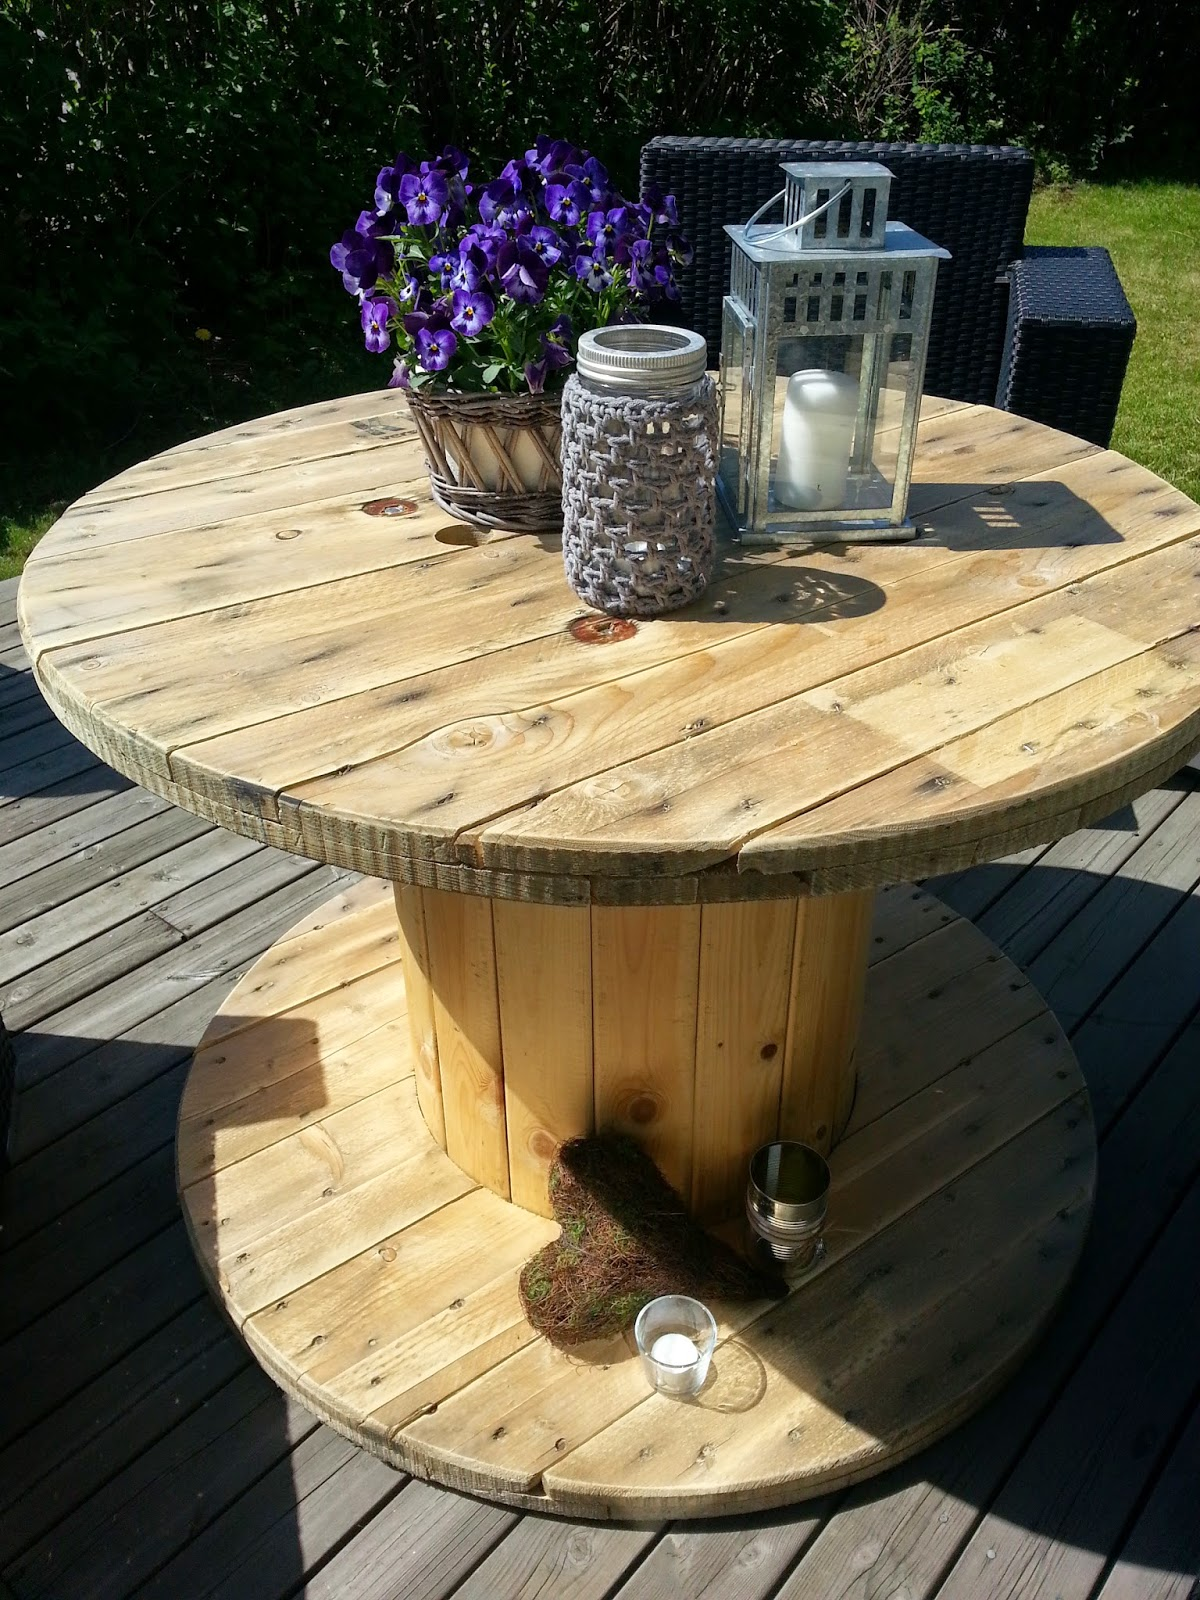 kabeltrommel bord